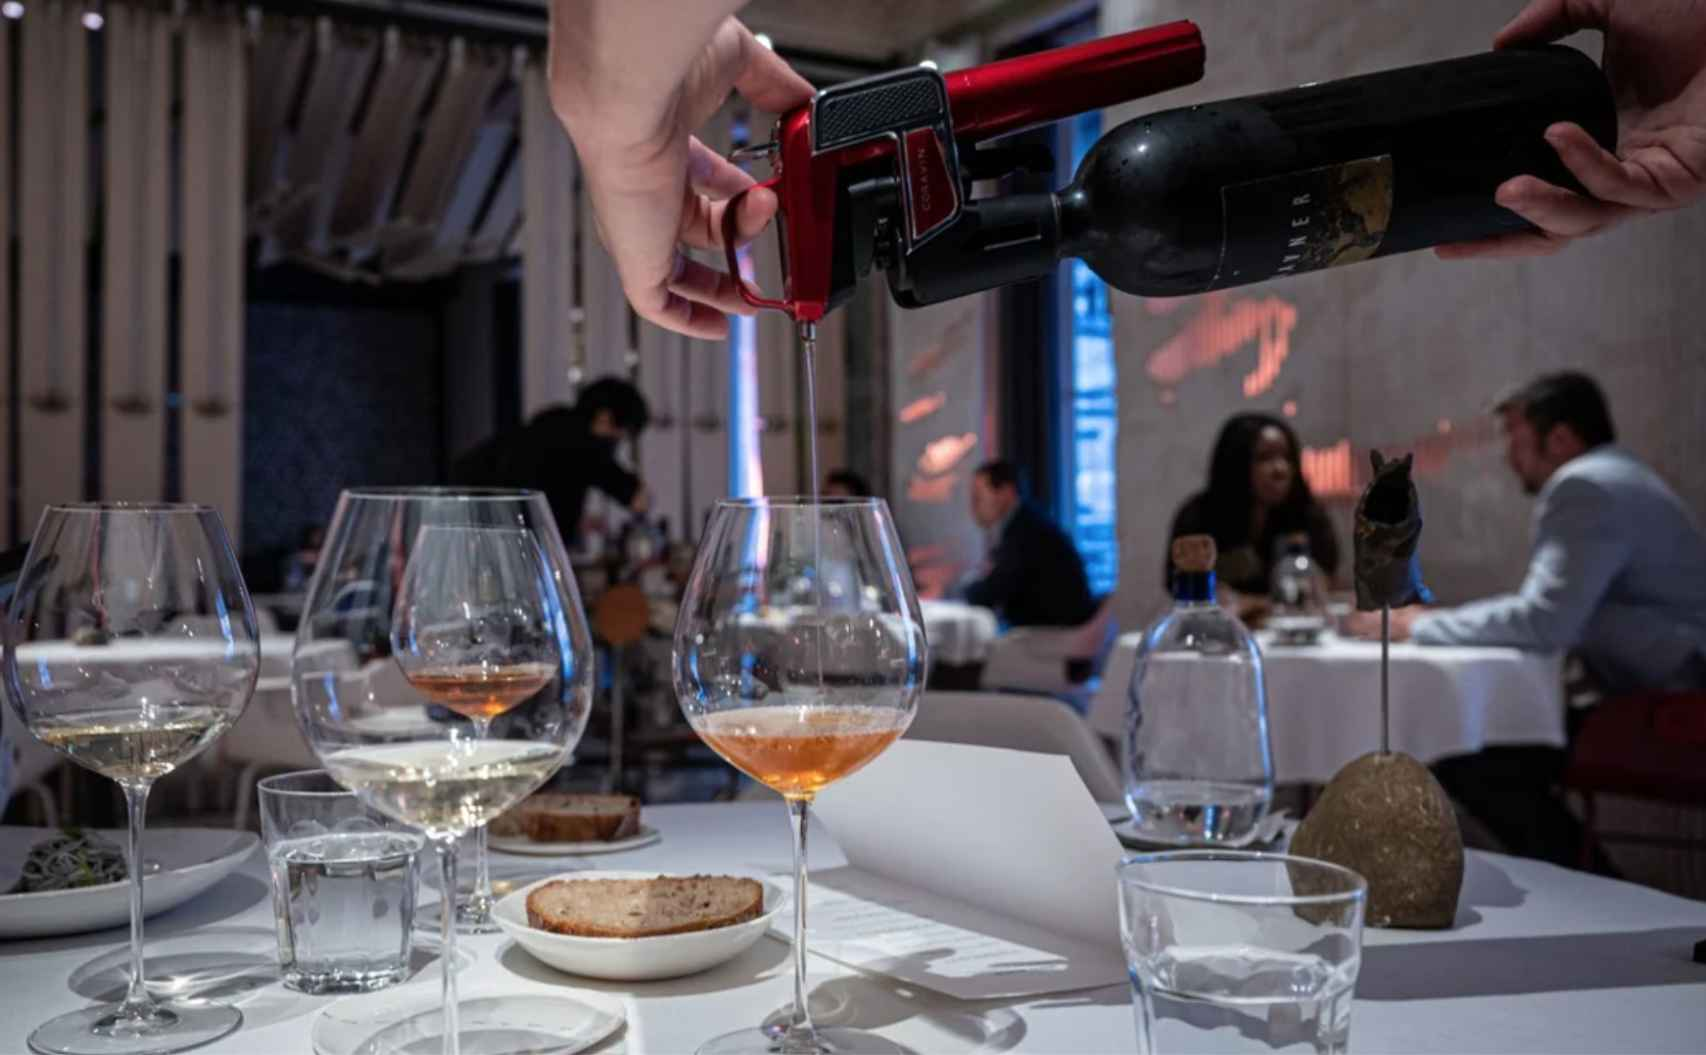 Servicio de vinos con Coravin en el restaurante Alkimia de Barcelona.